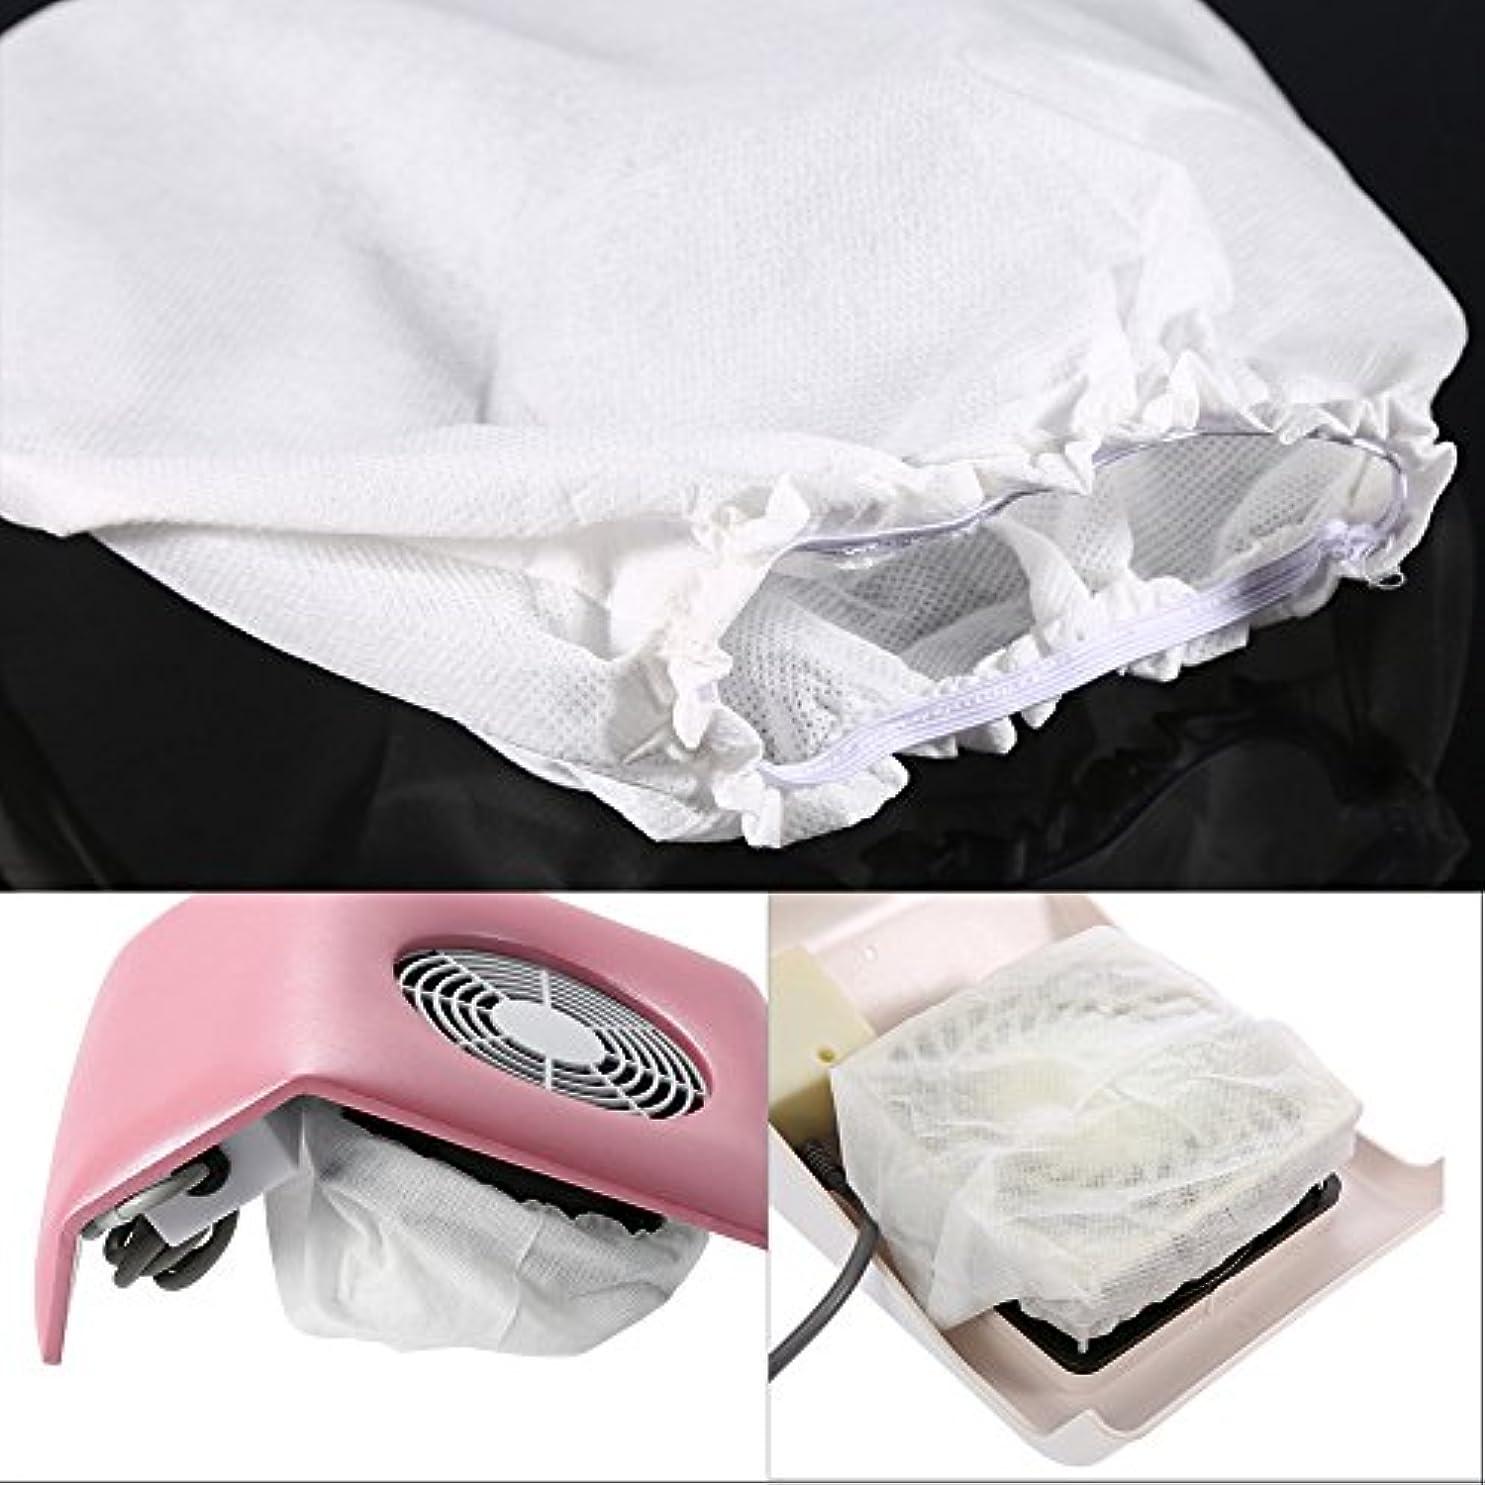 名前傷つきやすいカート10枚セット ネイル 不織布掃除機交換バッグ ネイルダストコレクション機器用 アクセサリー サロンツール